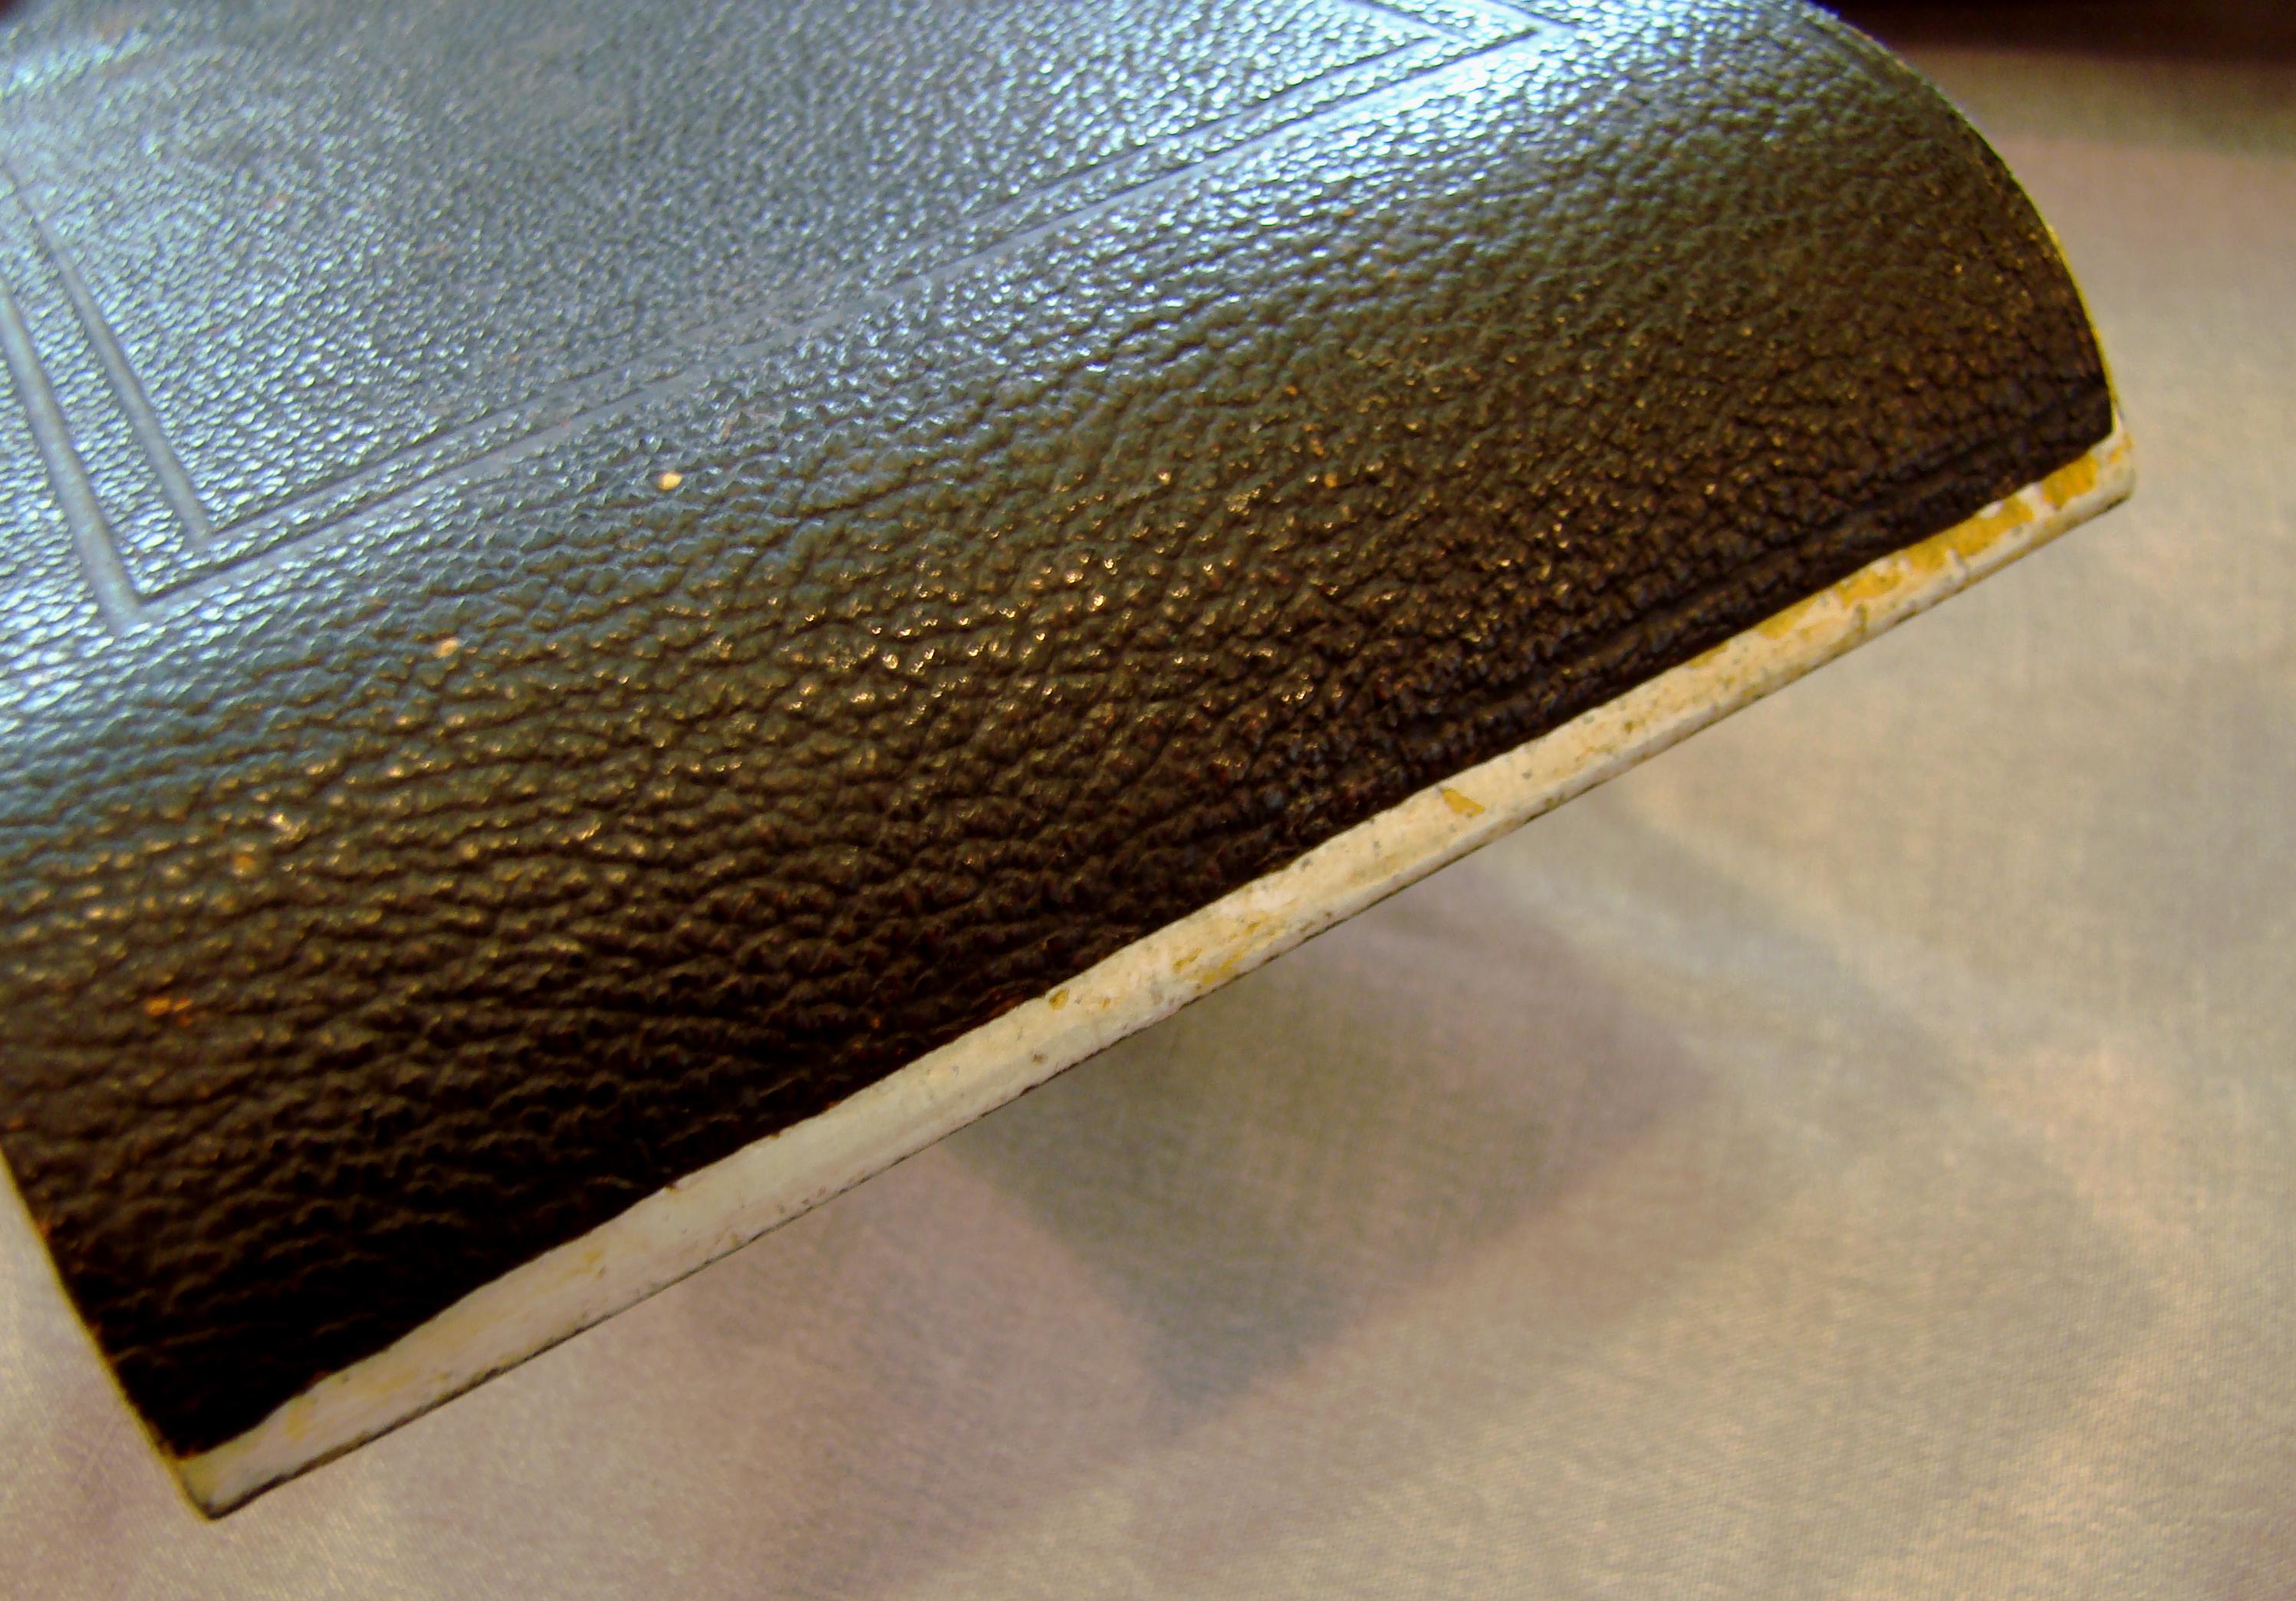 Restoring Antique Leather Restoration Through A Vintage Lens